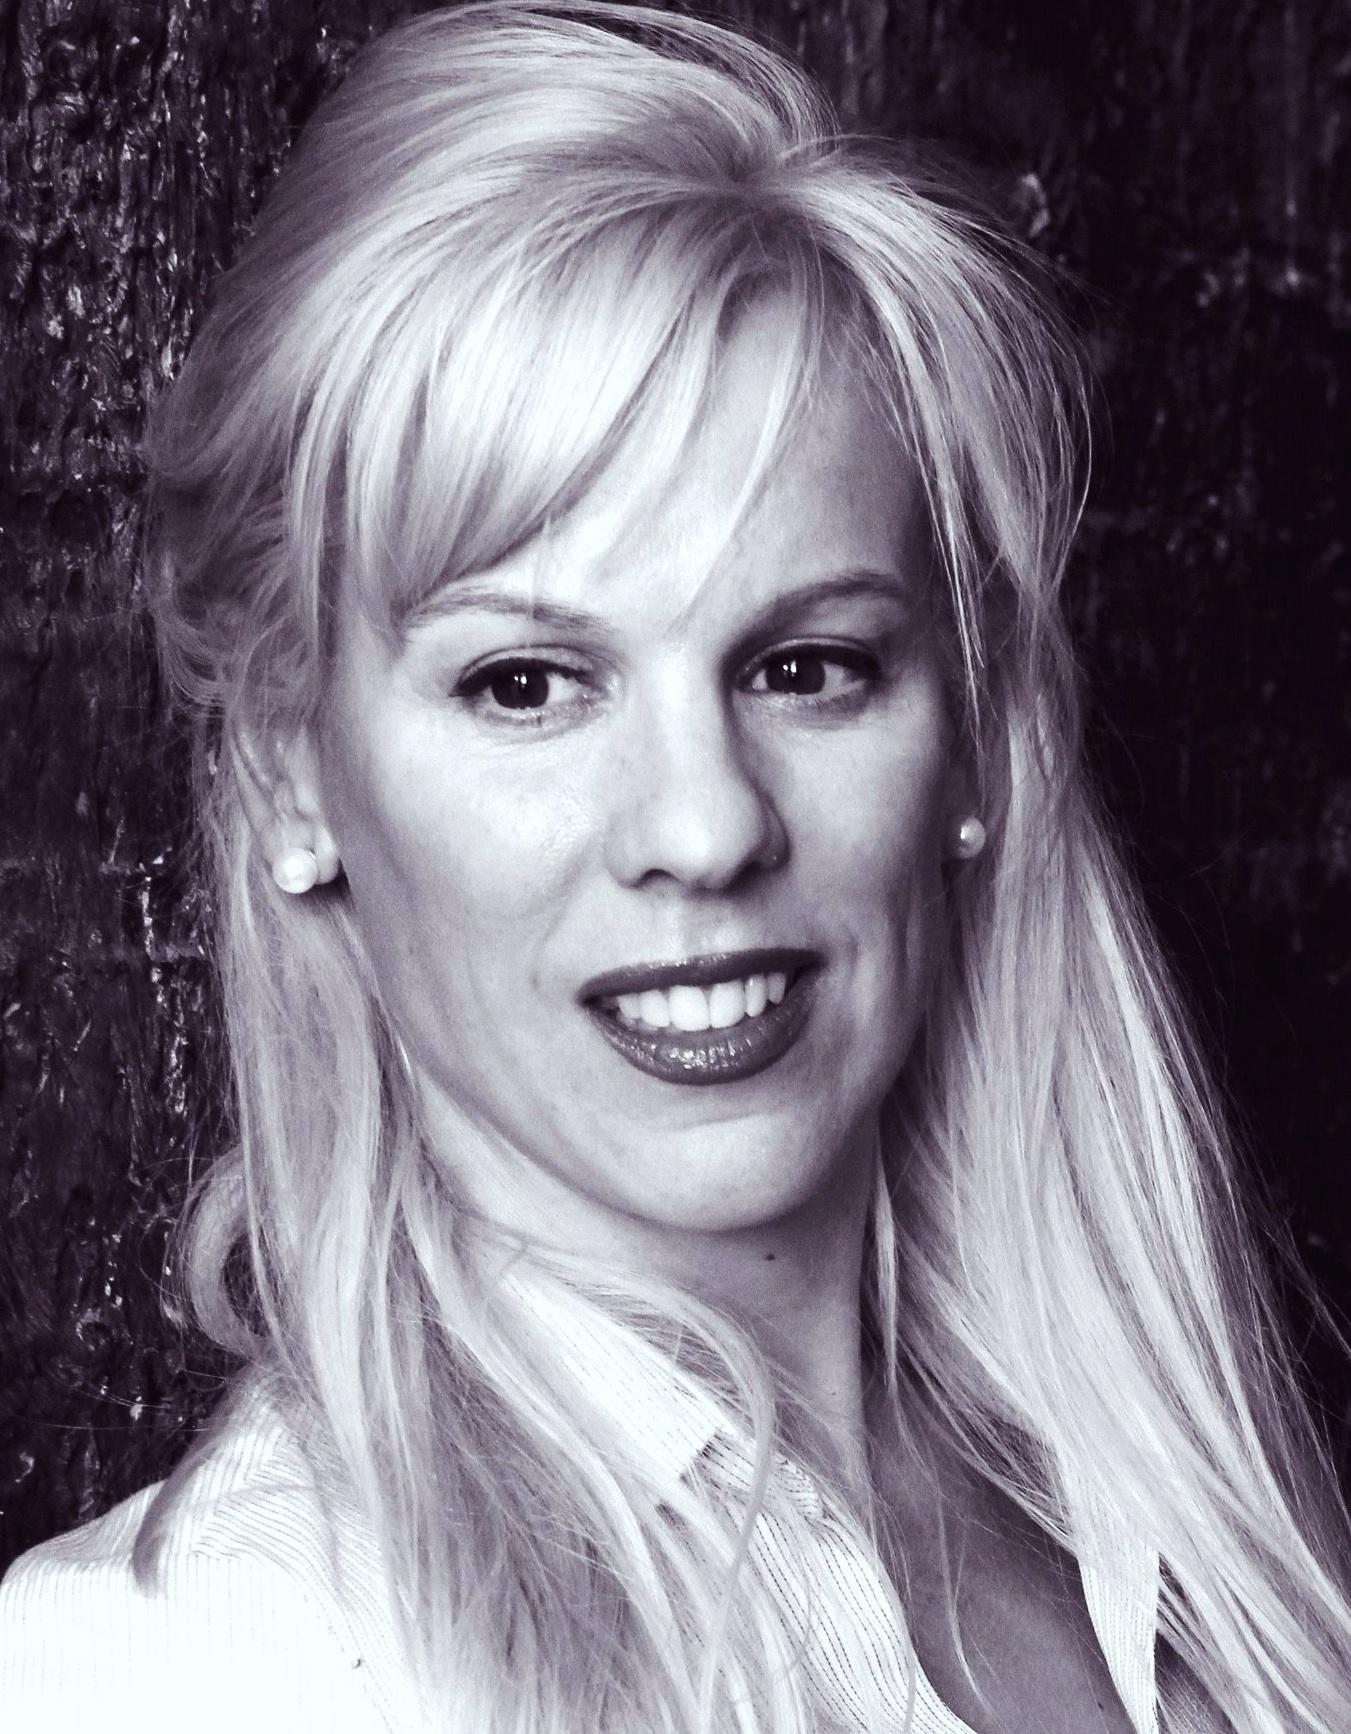 Shannon Rentner